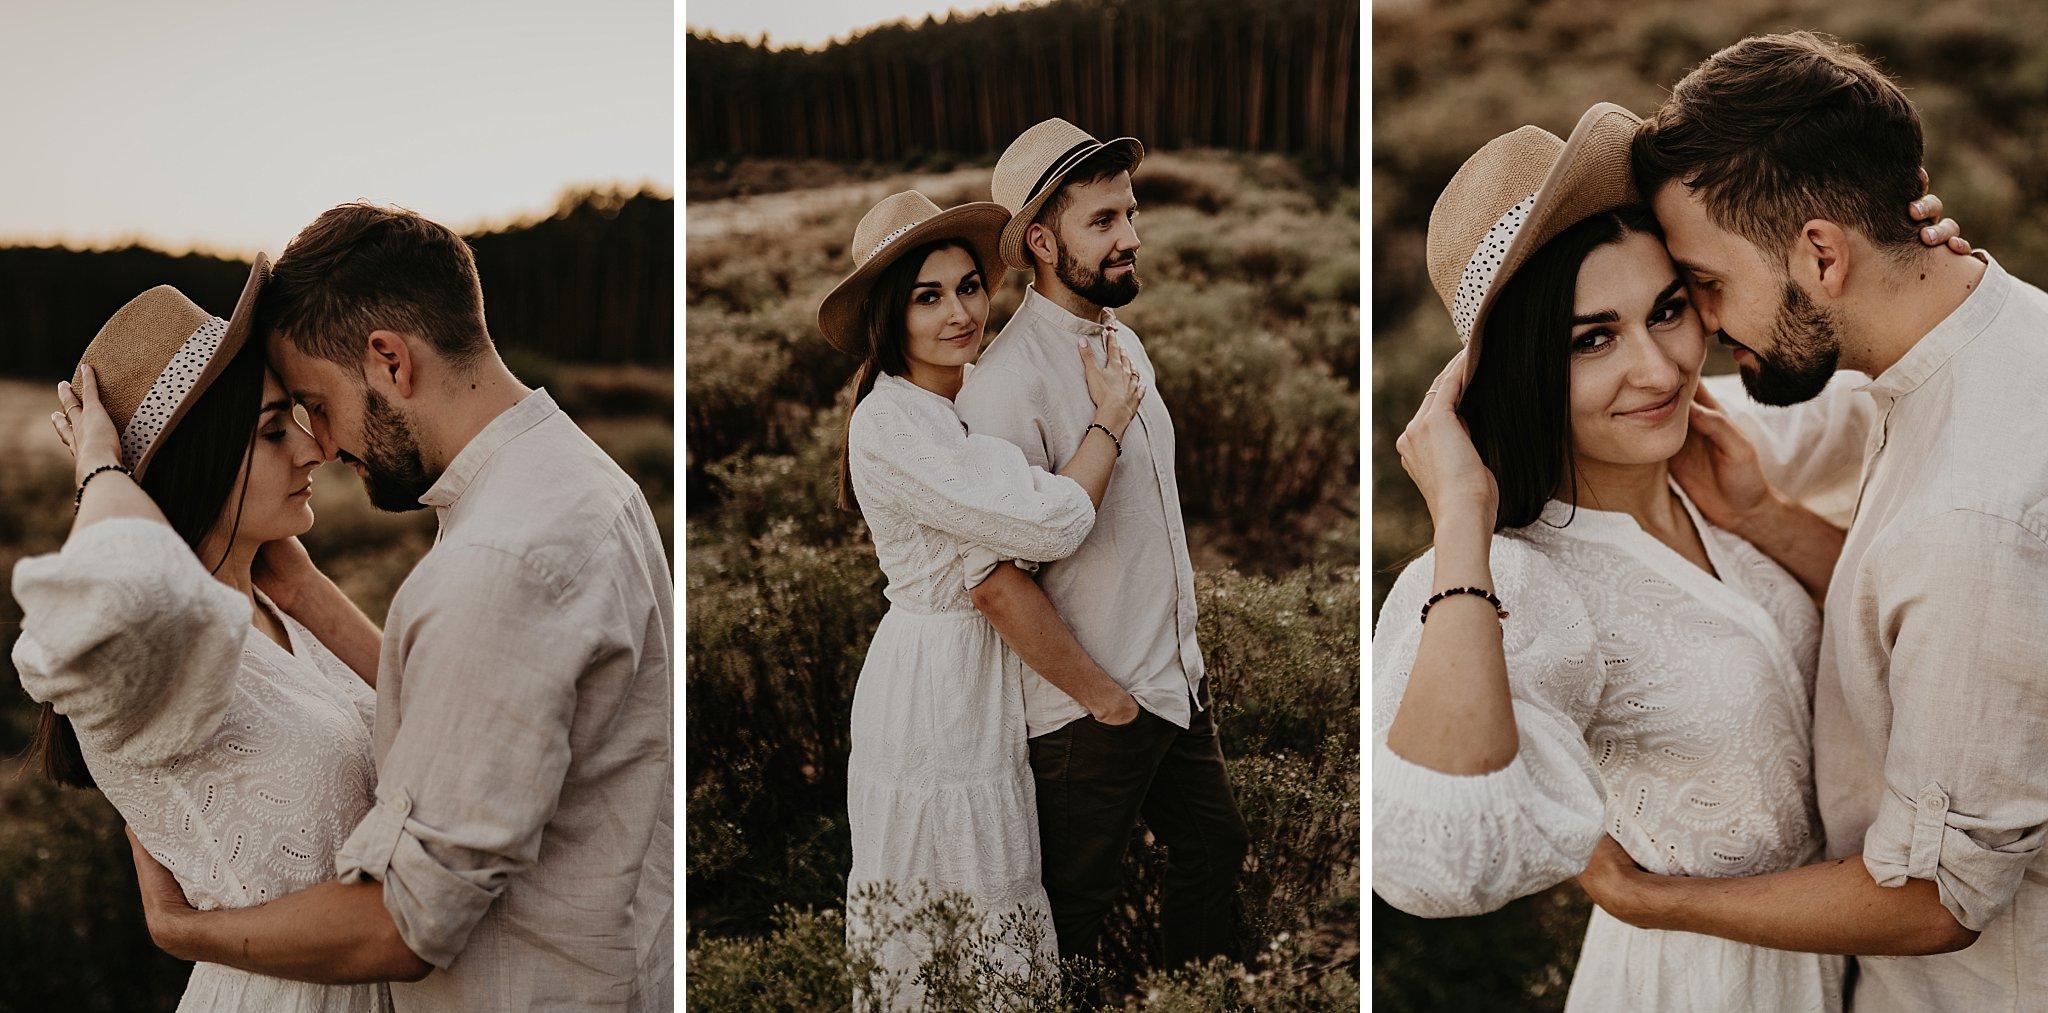 piekna sesja narzeczenska rustykalna romantyczna sesja na pustyni sesja zdjeciowa poznan krugphotography fotograf slubny z poznania fotografia slubna poznan 7200